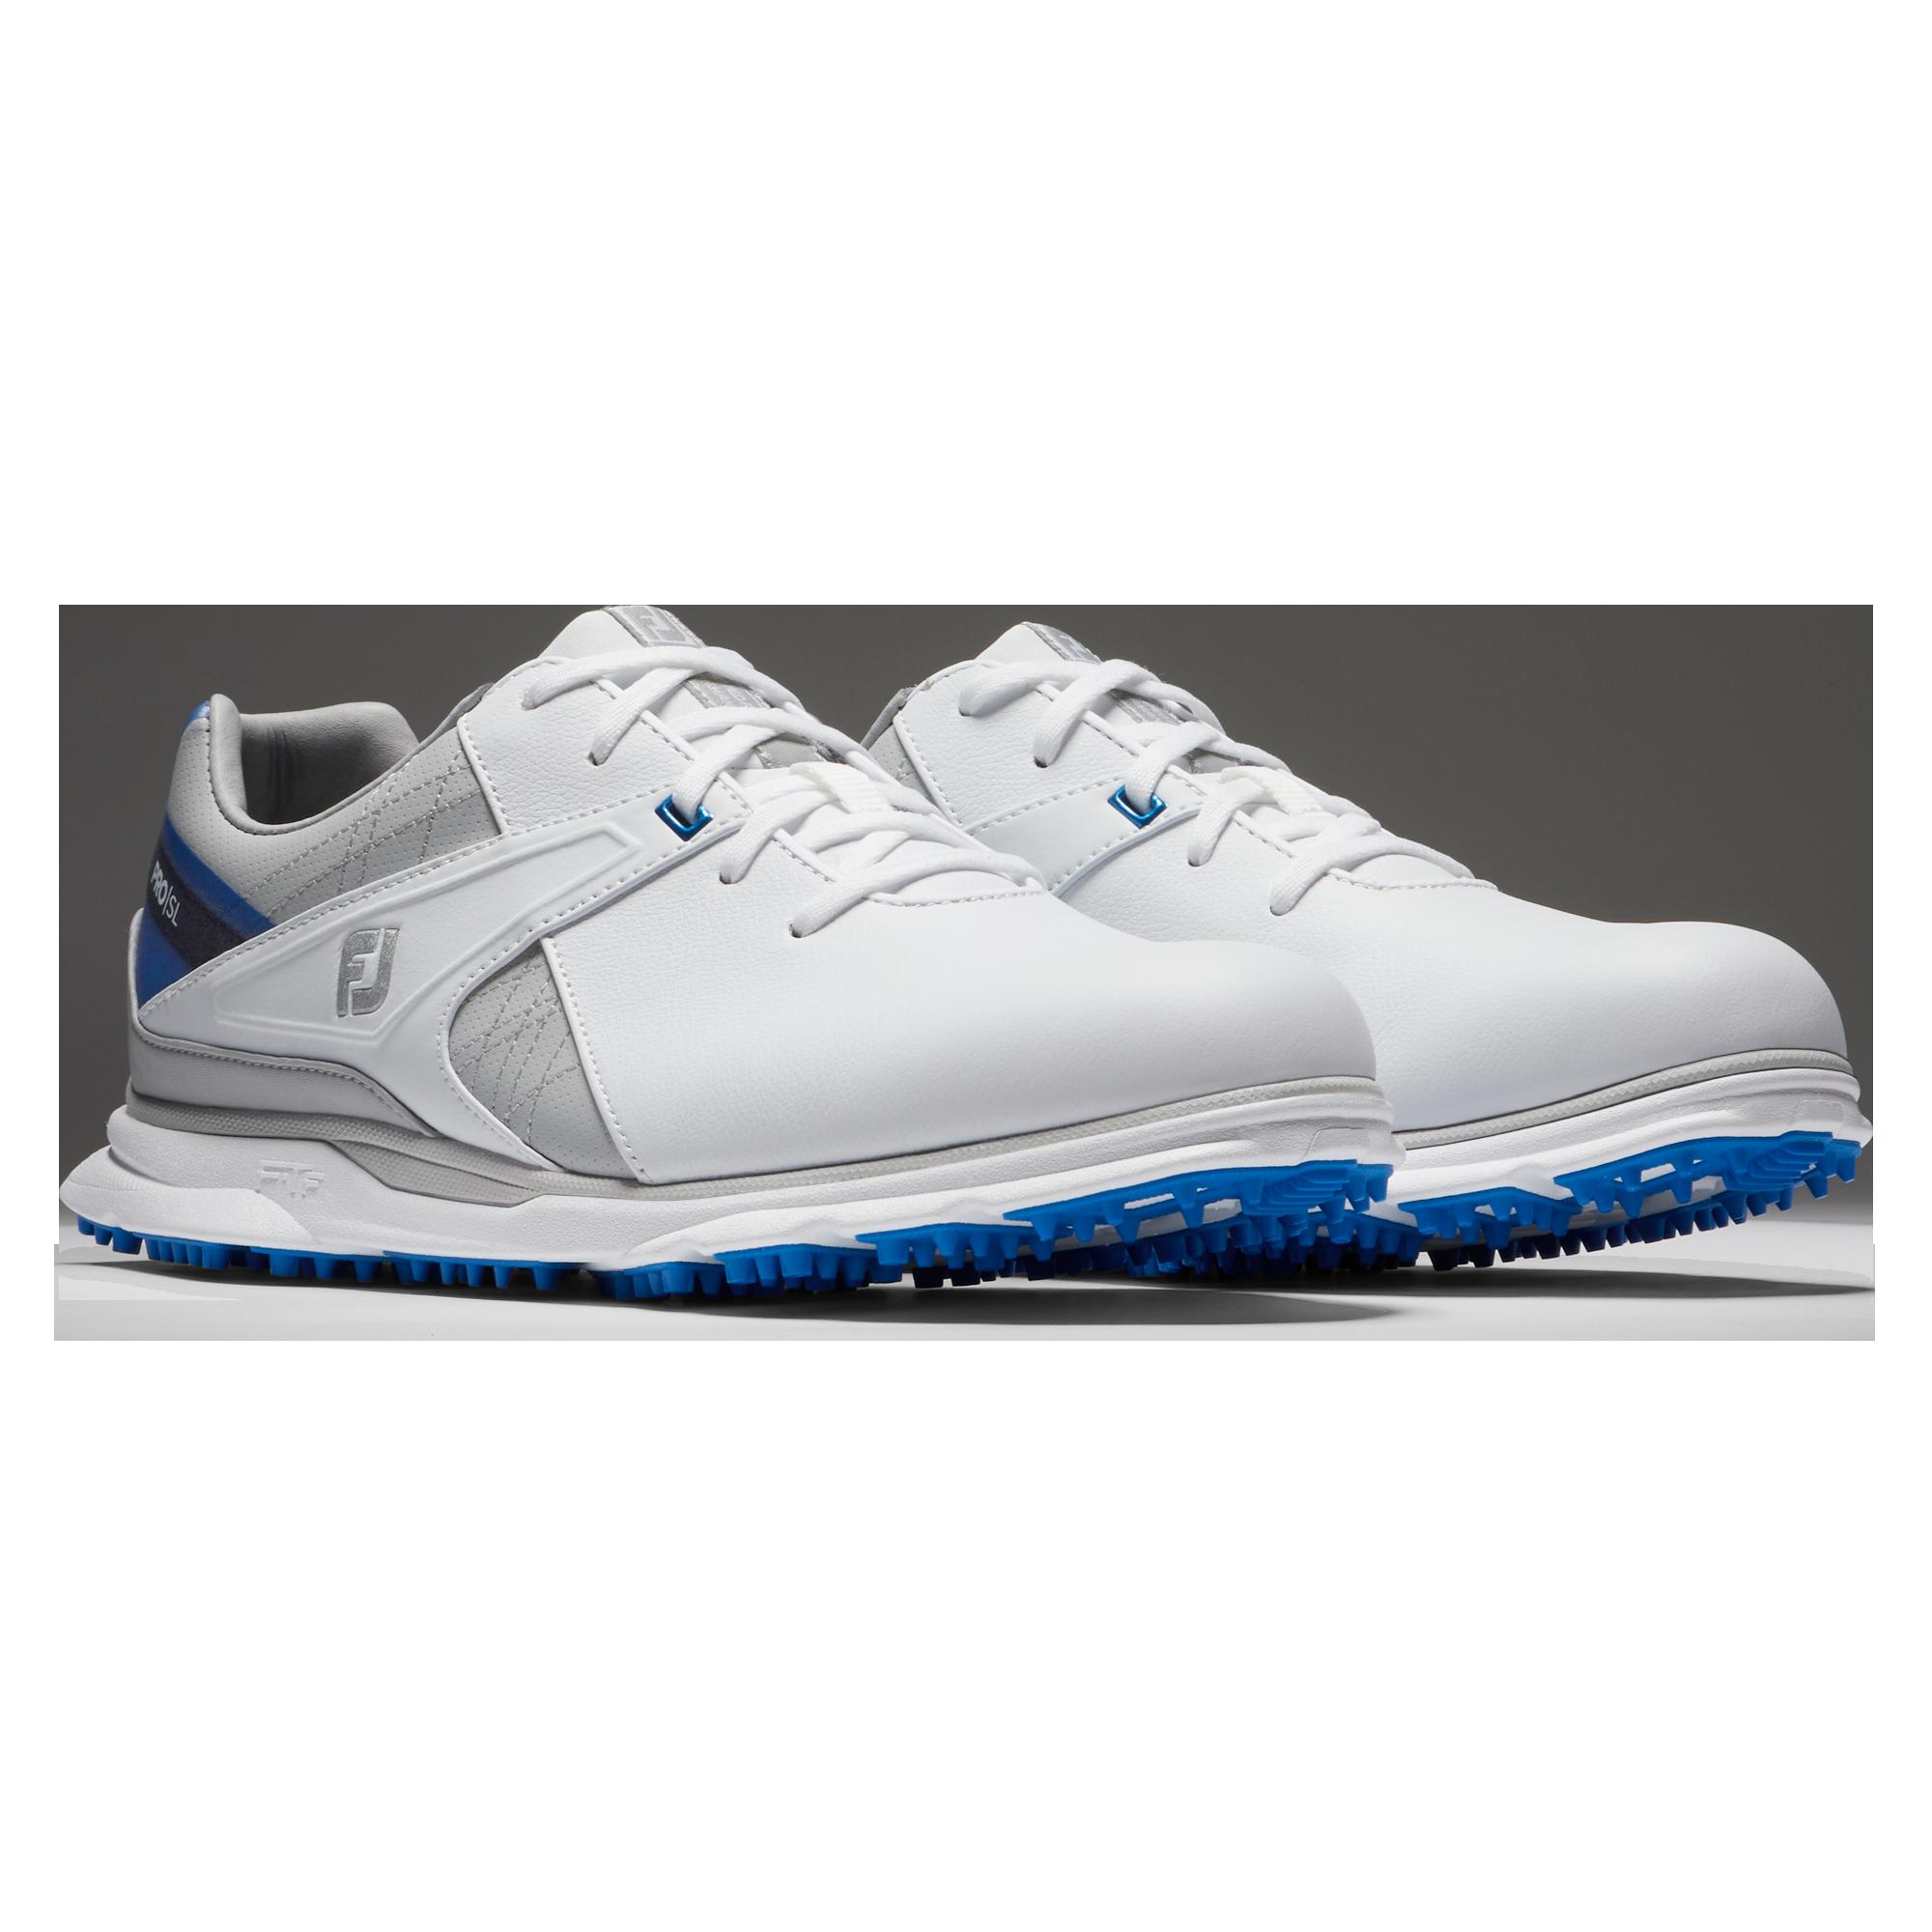 Pro SL Men's Golf Shoe   FootJoy